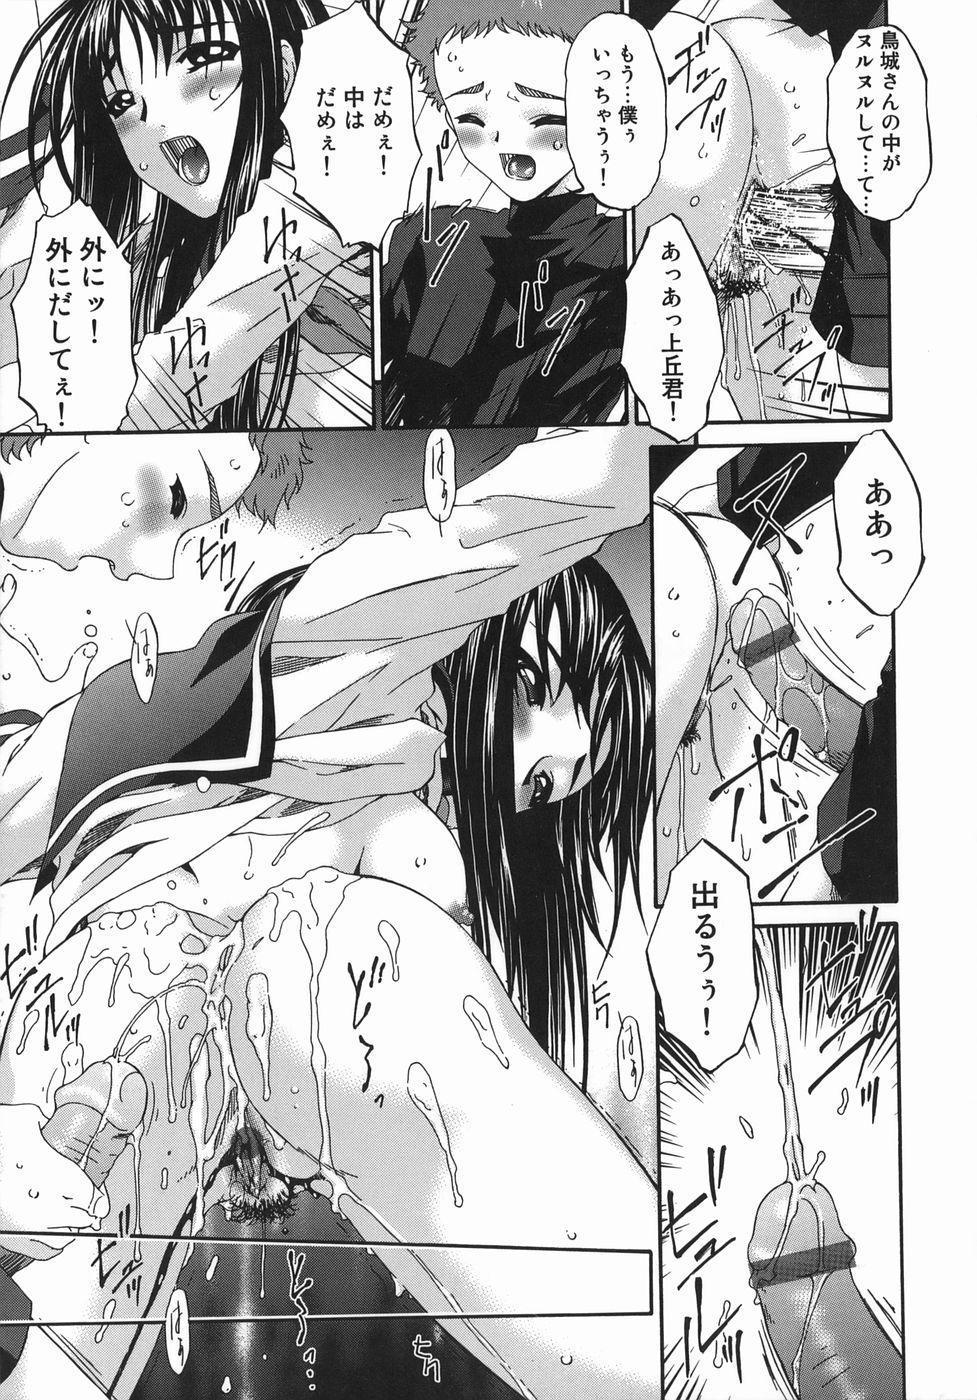 Hensachi ZERO kara no Seiteki Kyouiku 12